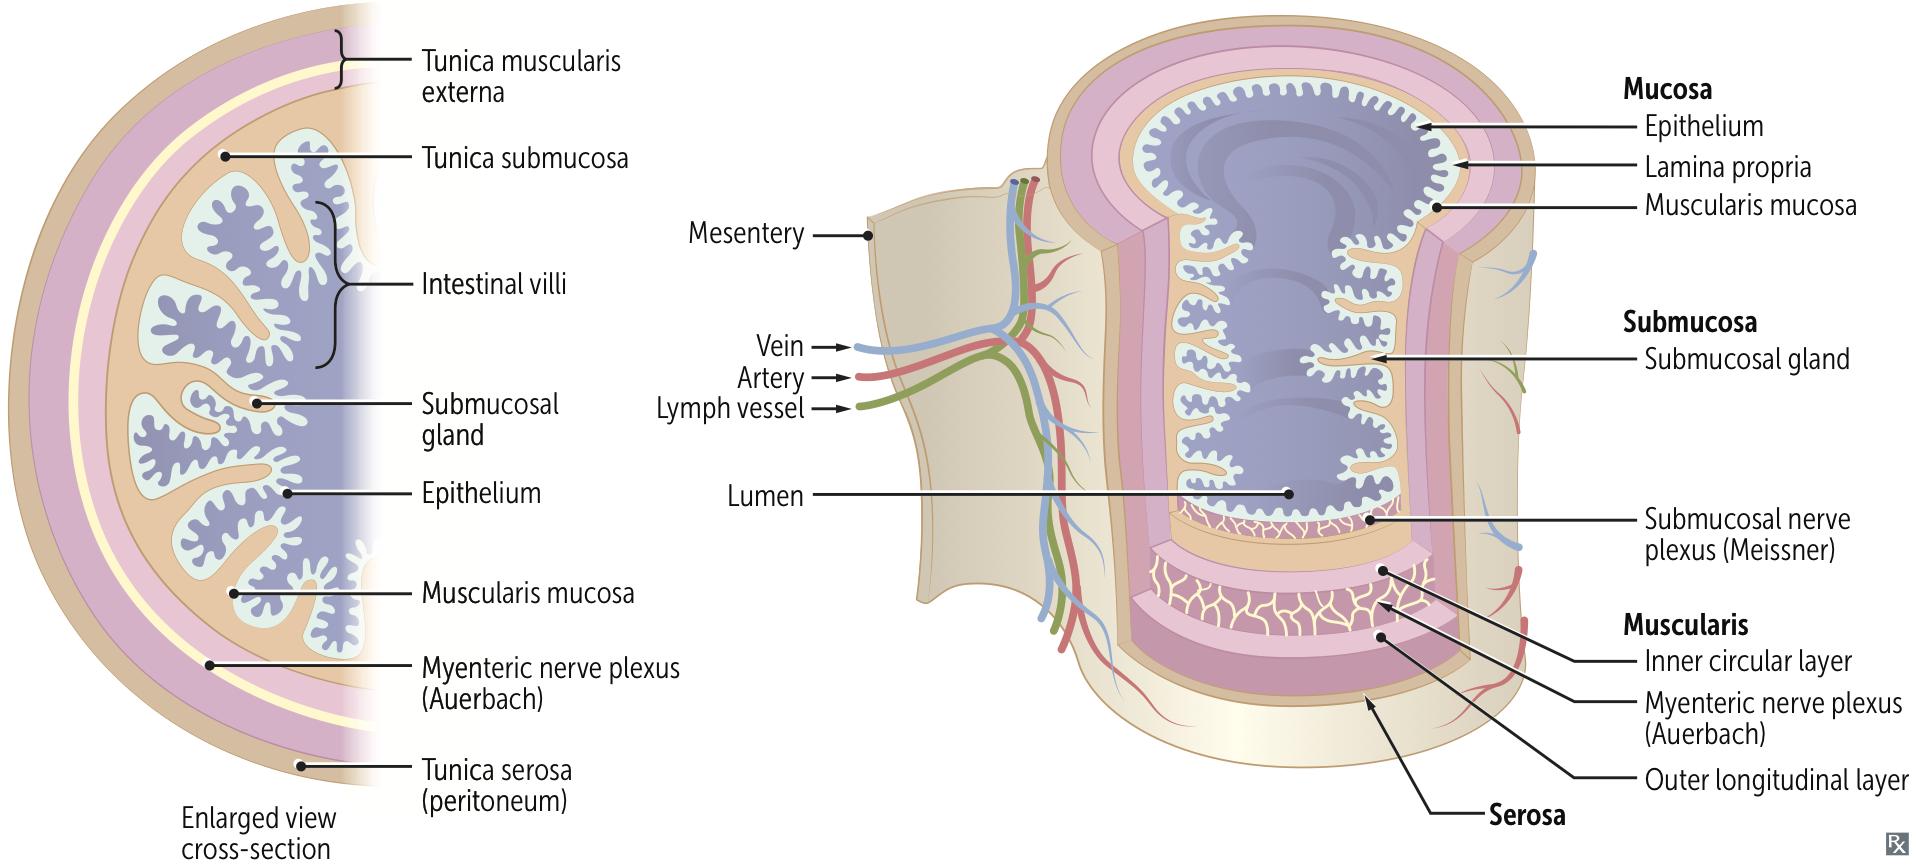 Mnemonics for Medicine